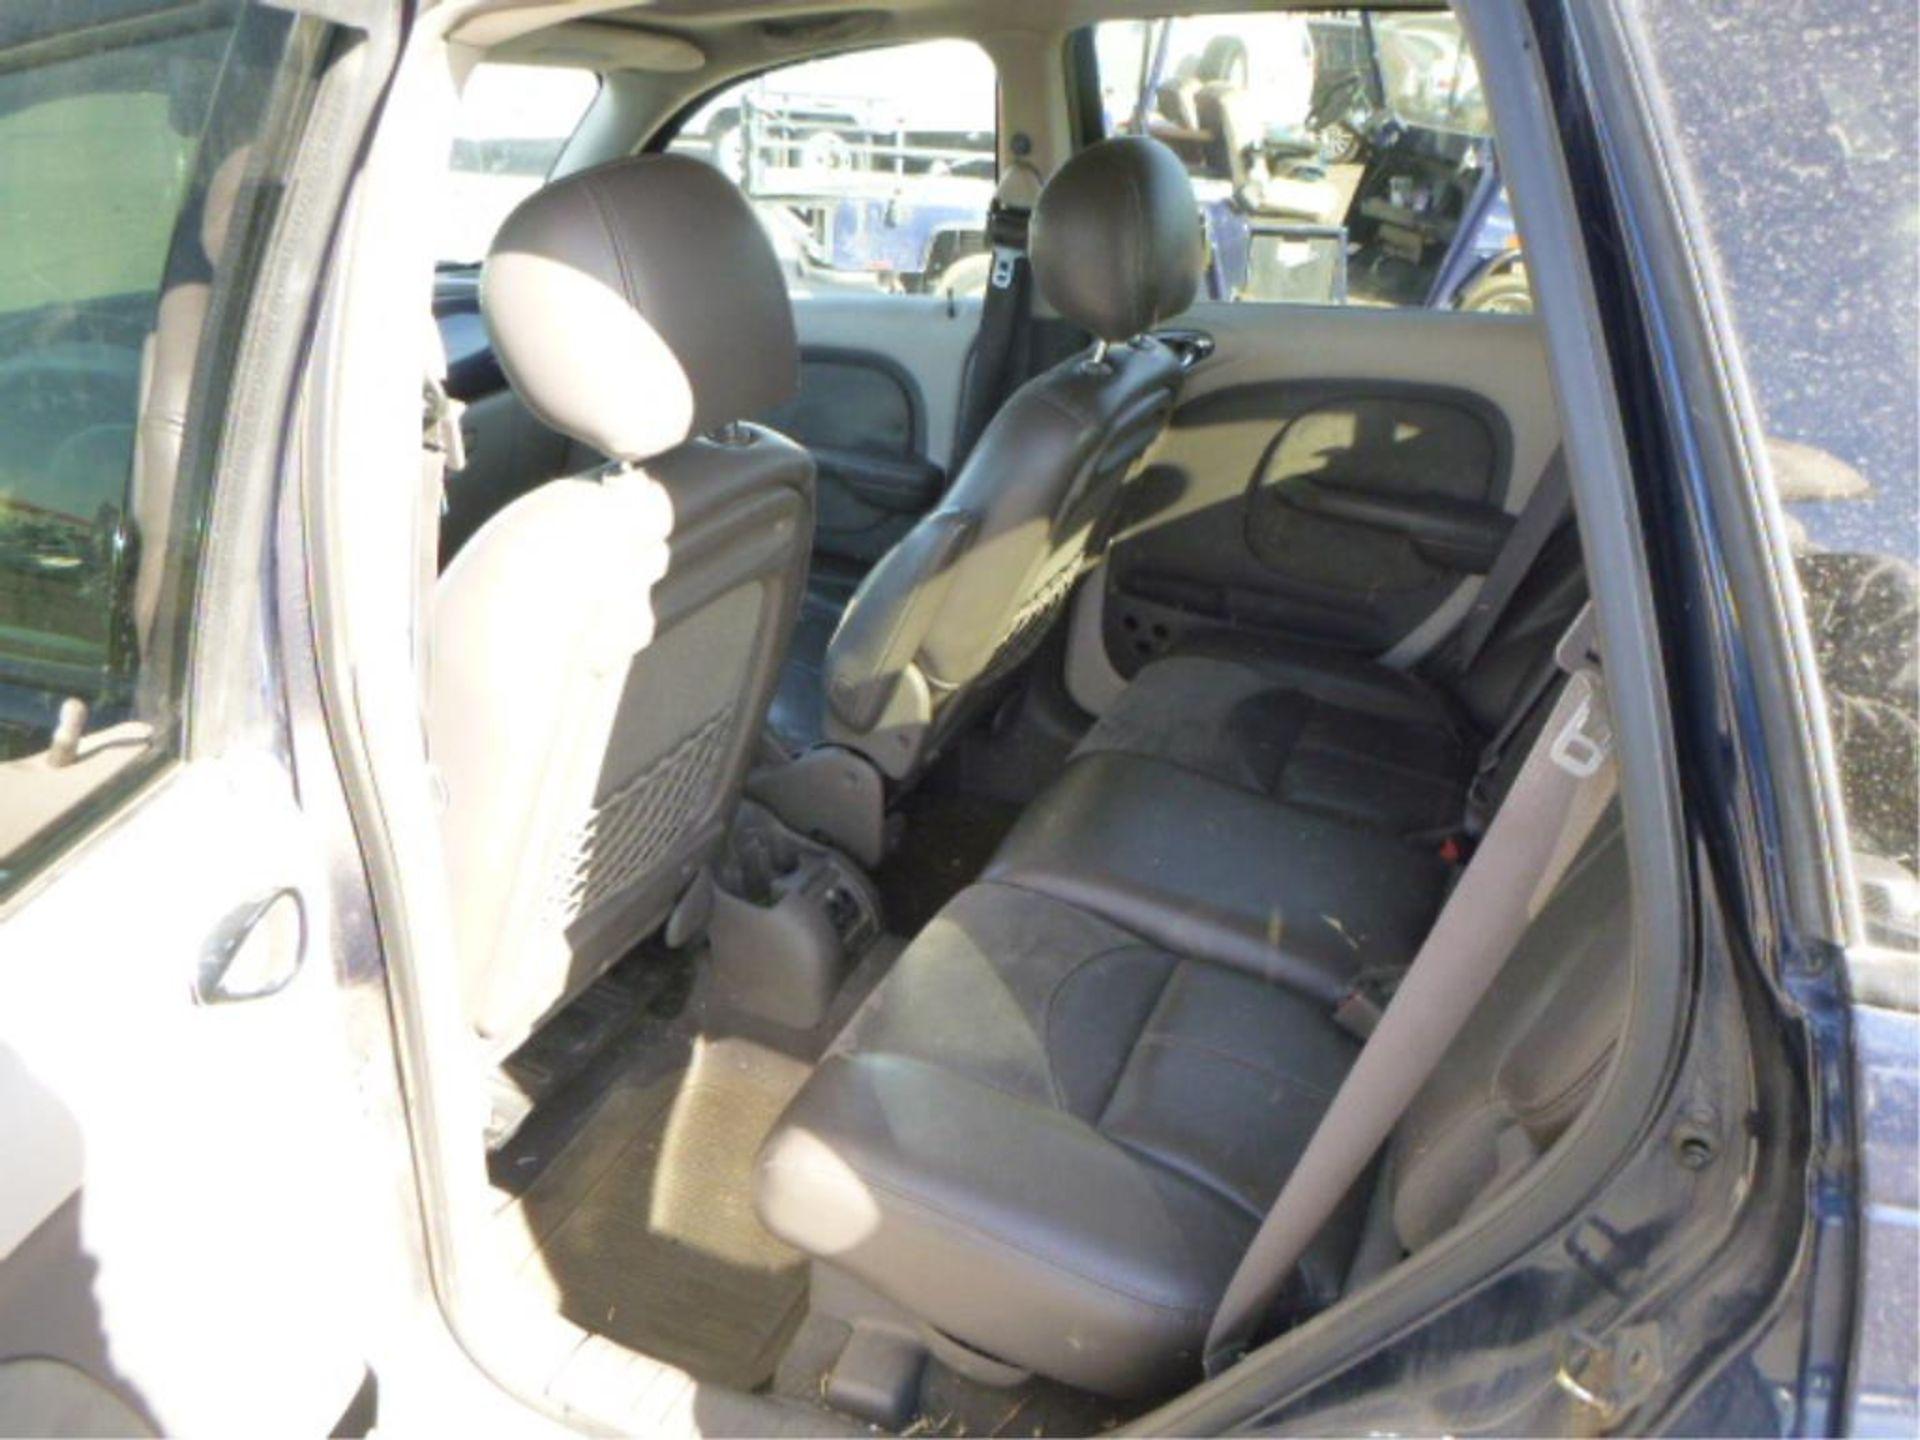 2002 Chrysler PT Cruiser - Image 10 of 14